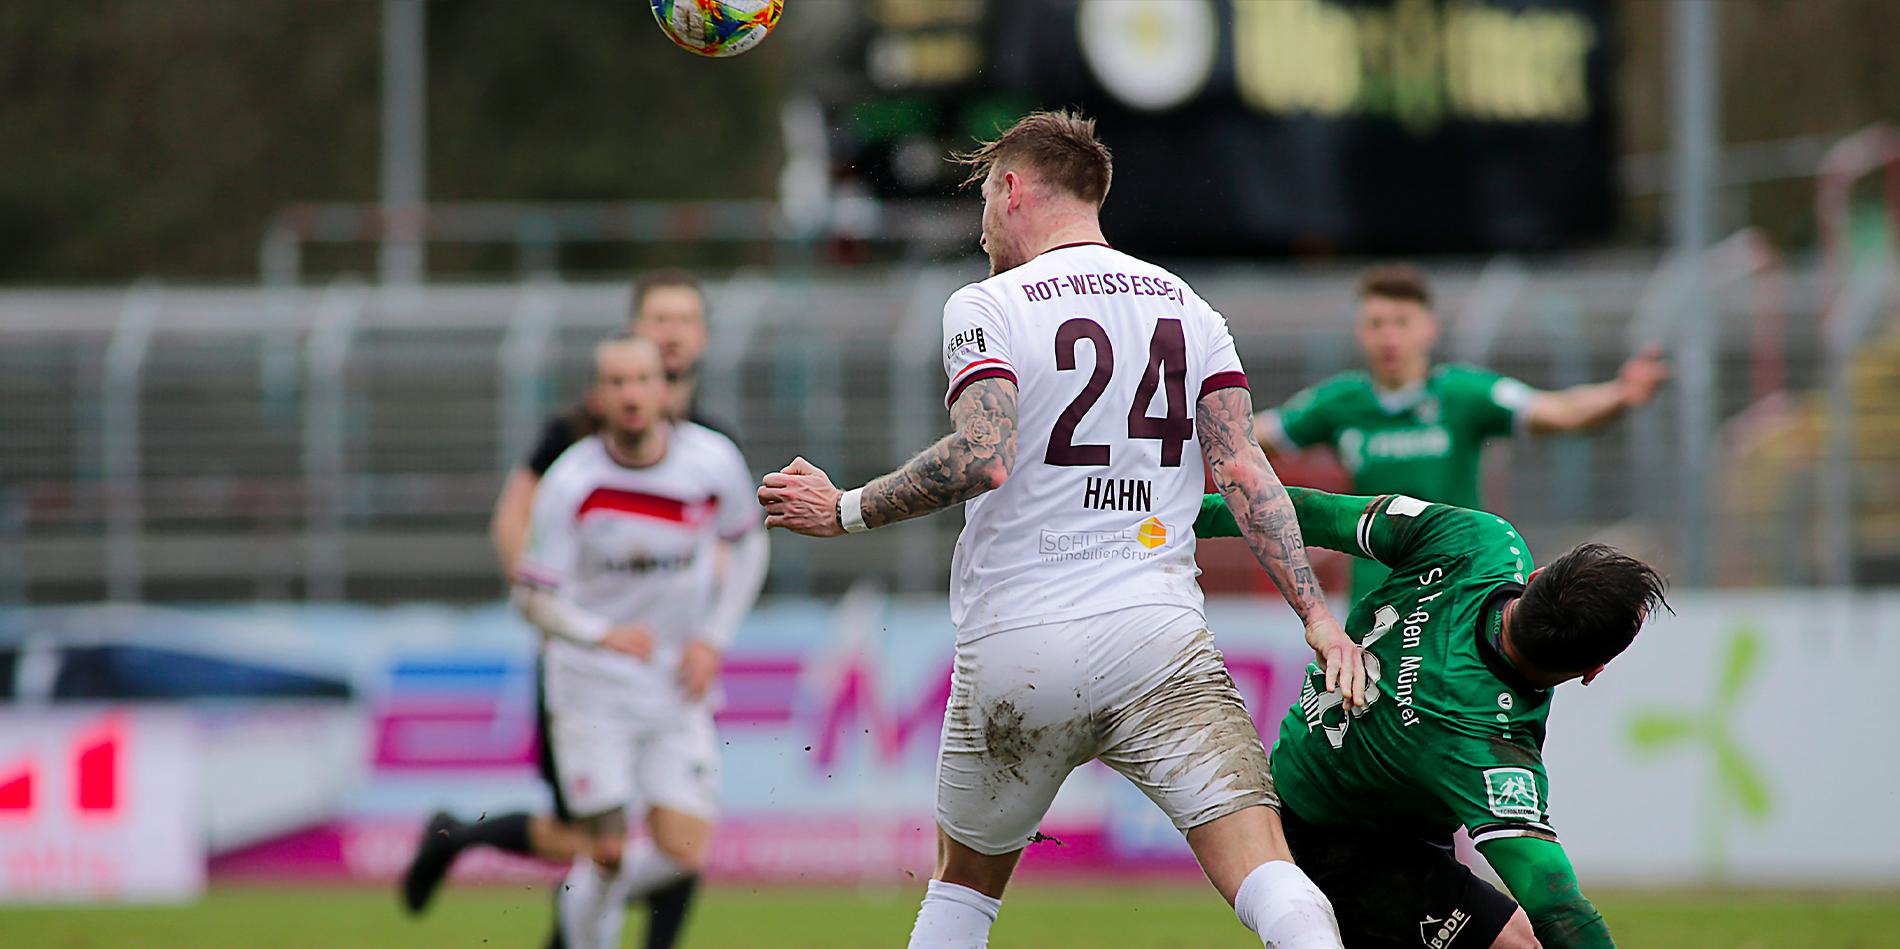 """Alexander Hahn: """"Nach dem Rückstand hat das Quäntchen Glück gefehlt."""" (Foto: Endberg)"""